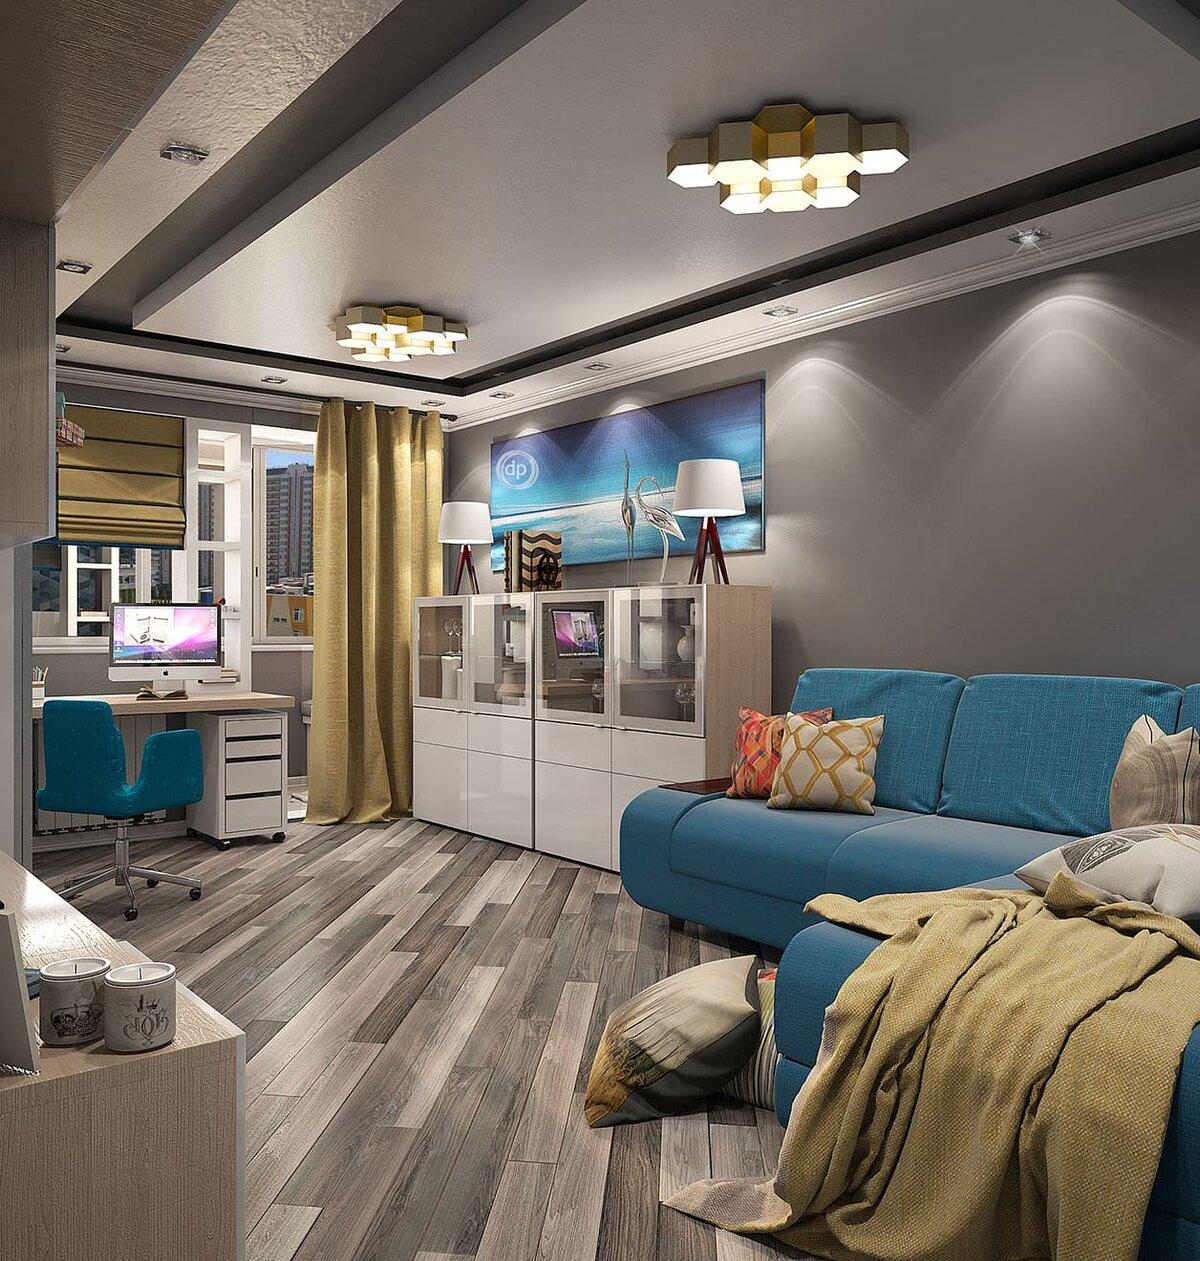 еще помогают дизайнерские проекты двухкомнатных квартир фото детали сделаны обычного